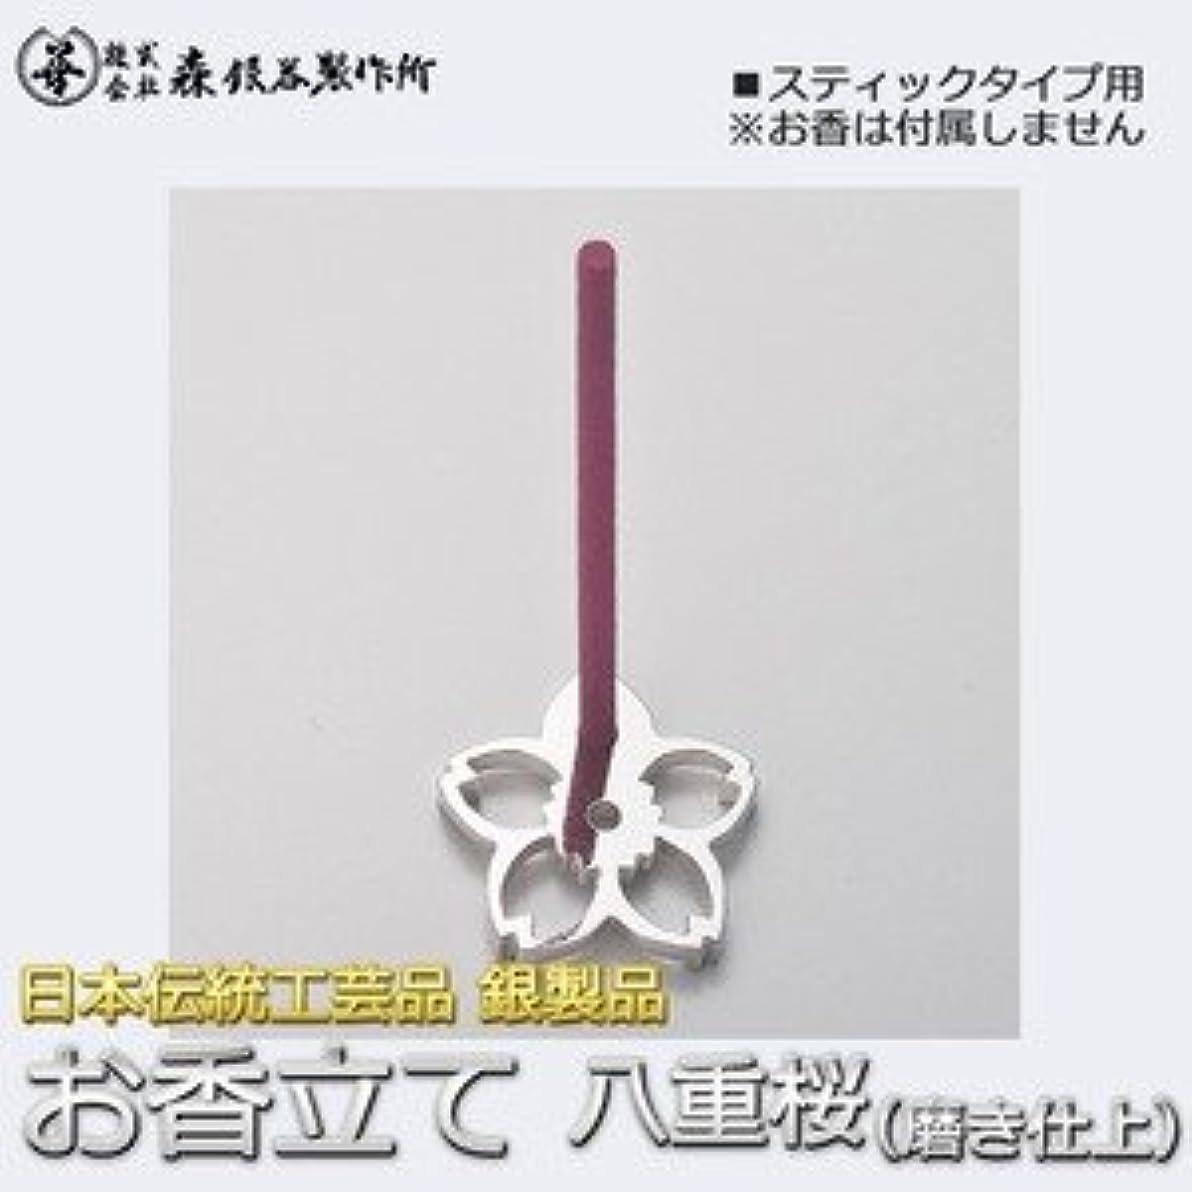 衣服志す香立て 八重桜 銀製 磨き仕上げ 日本伝統工芸品 ハンドメイド スターリングシルバー